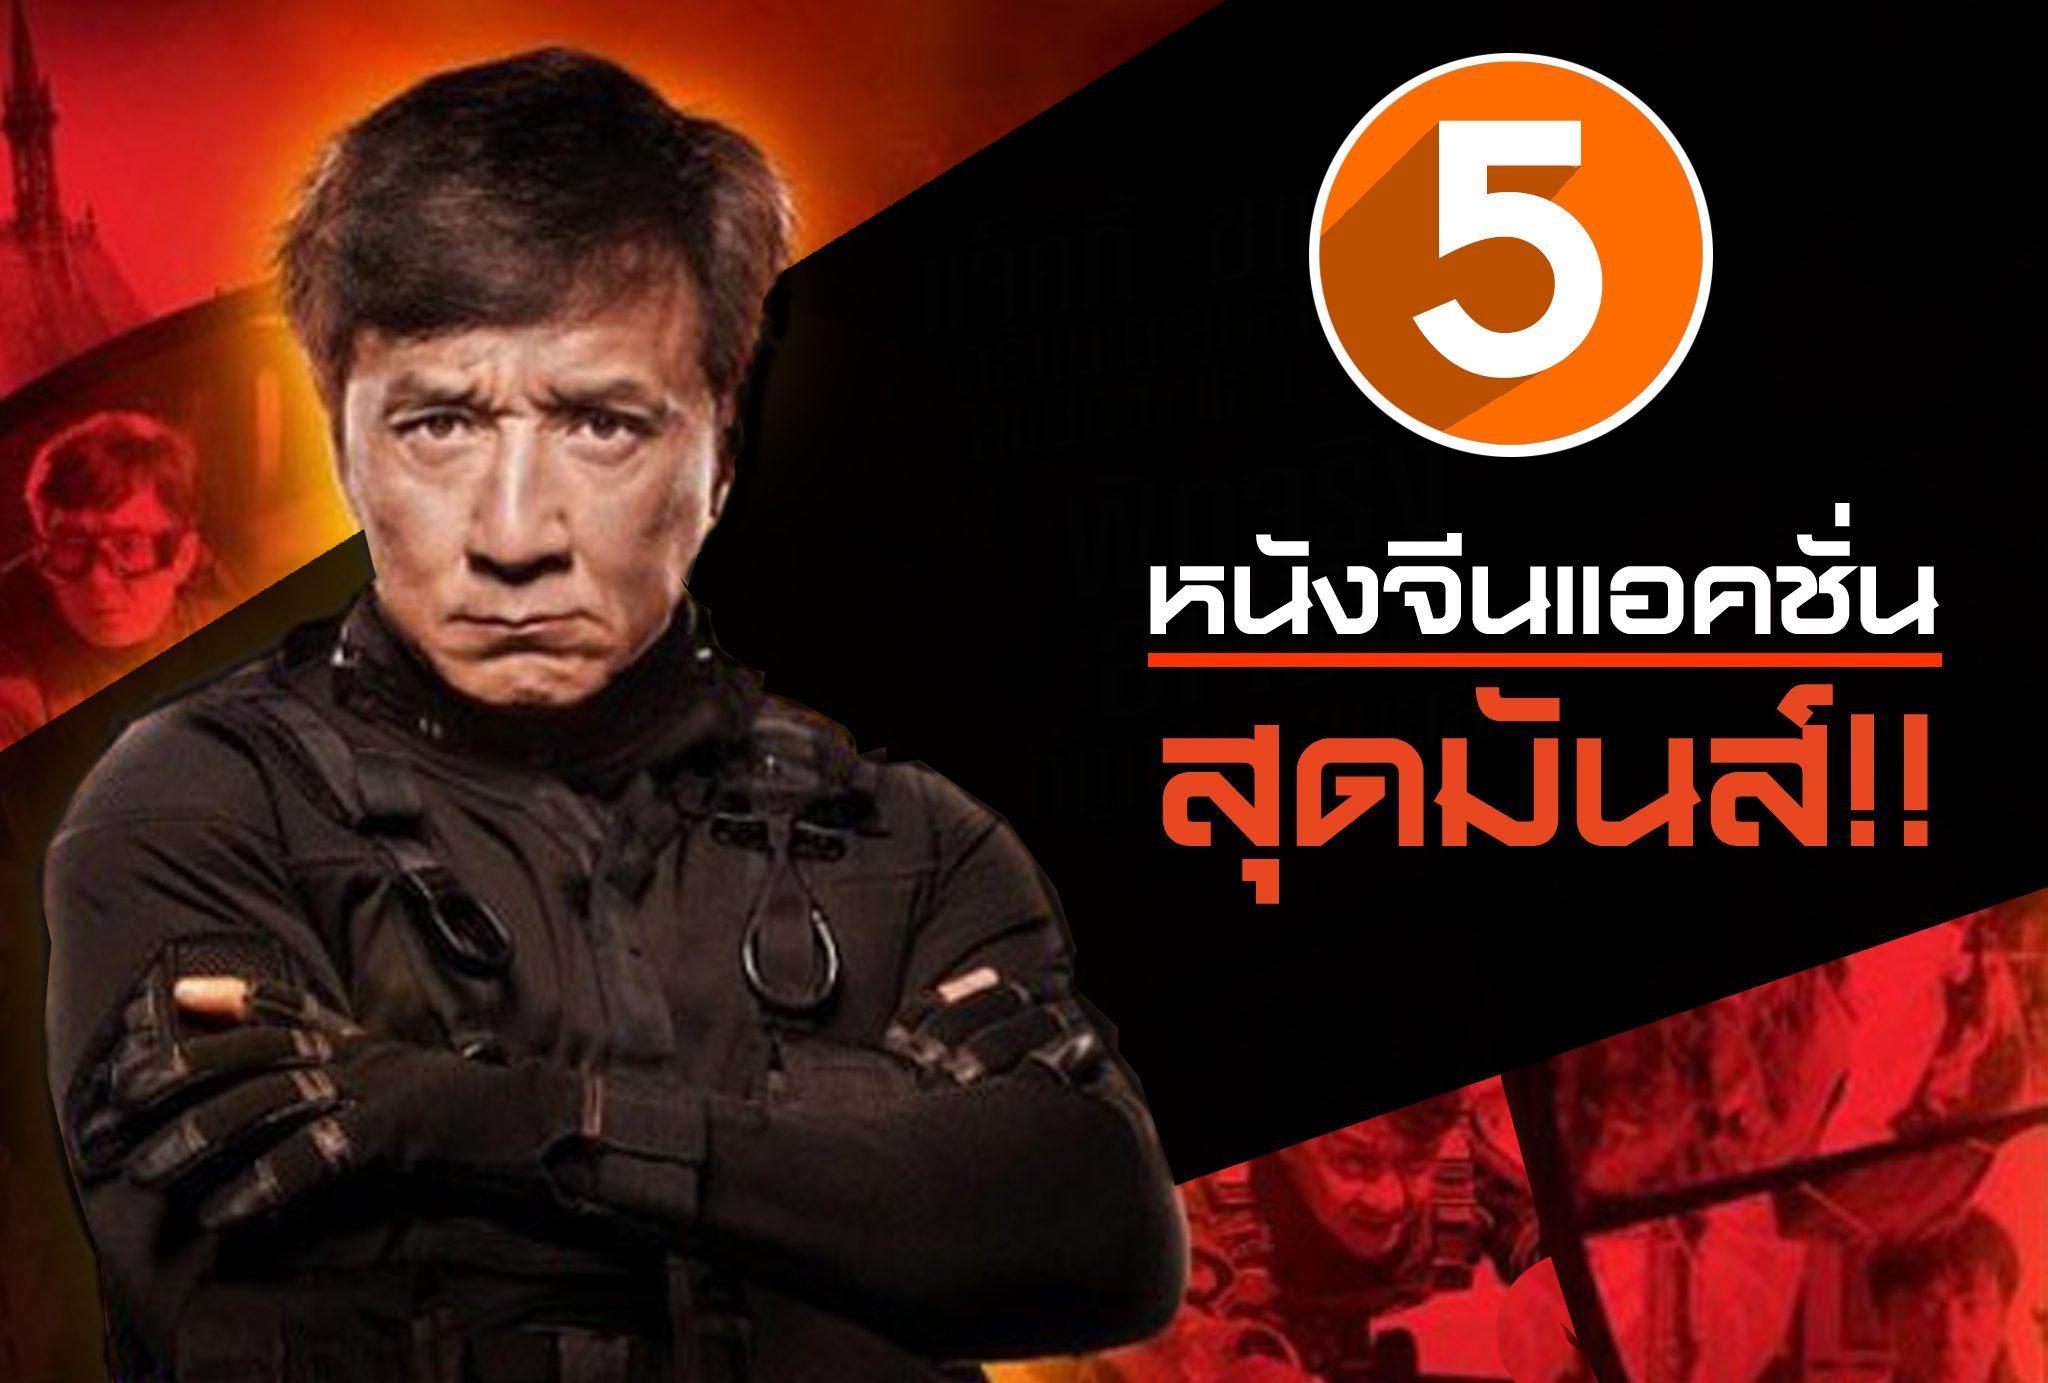 ดูหนัง ผีไทย ดูฟรี ๆ ดูได้สนุกบนเว็บยอดนิยมอันดับหนึ่ง